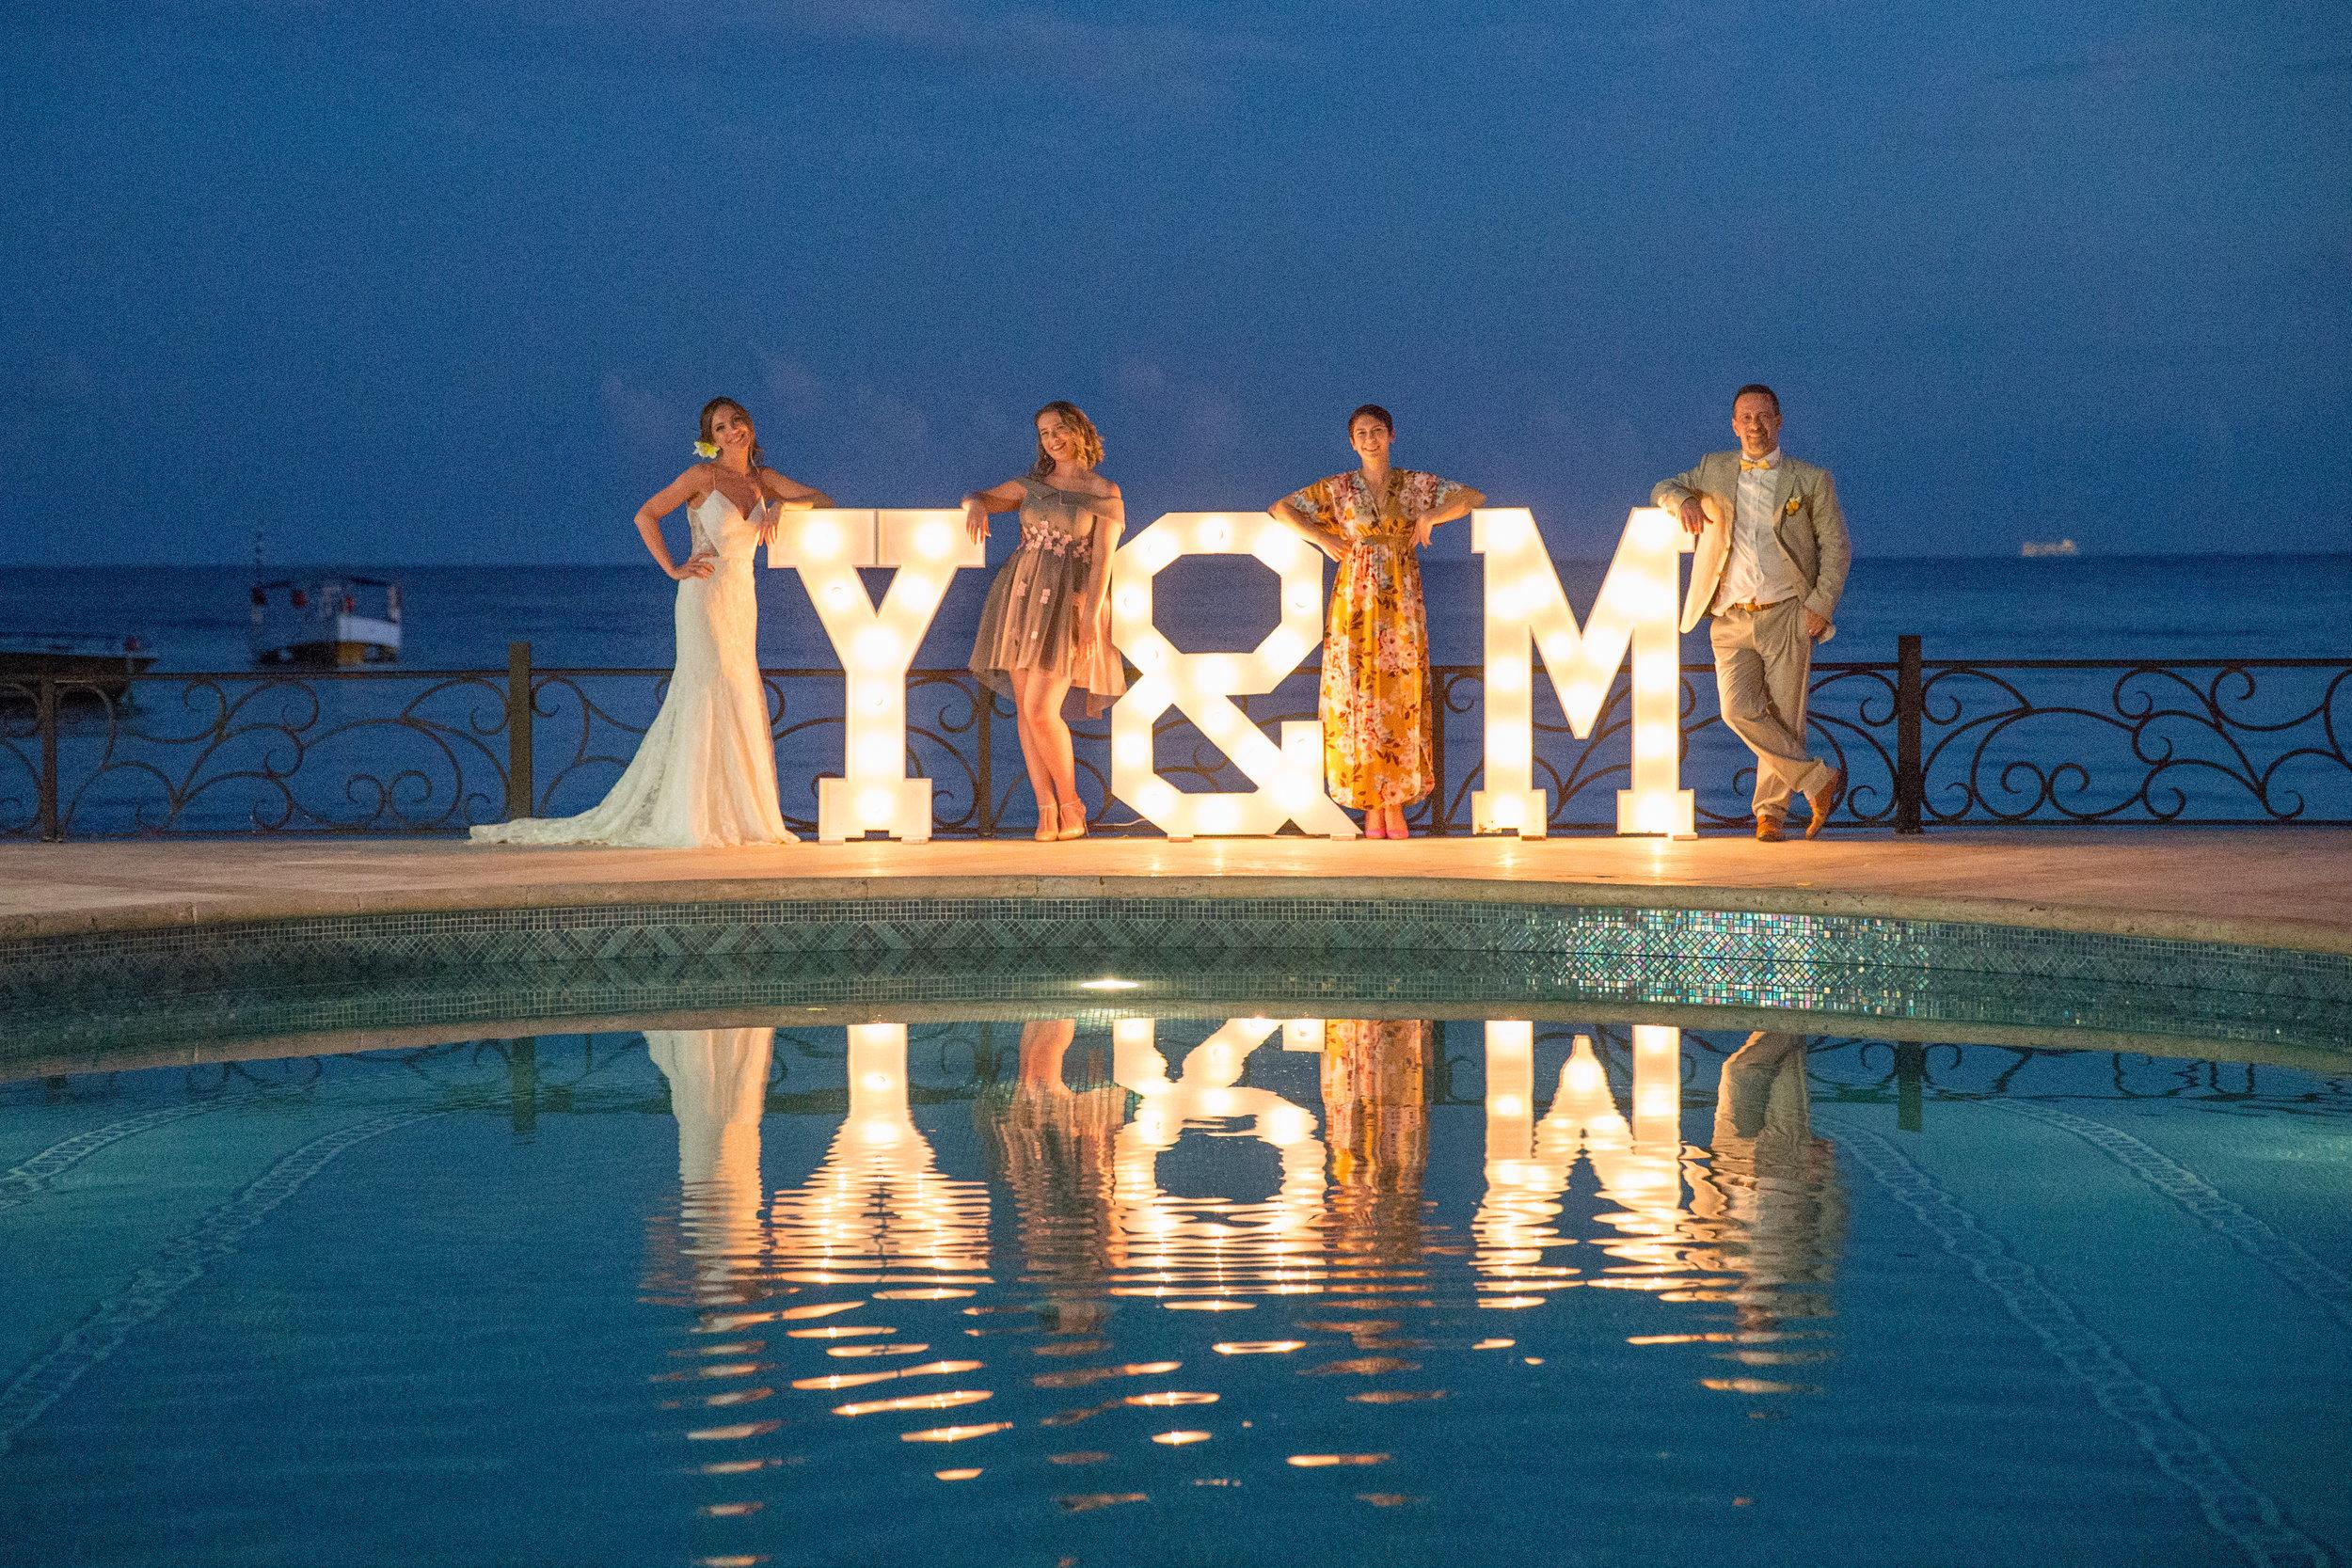 destination-wedding-venue-villa-la-joya-55.jpg